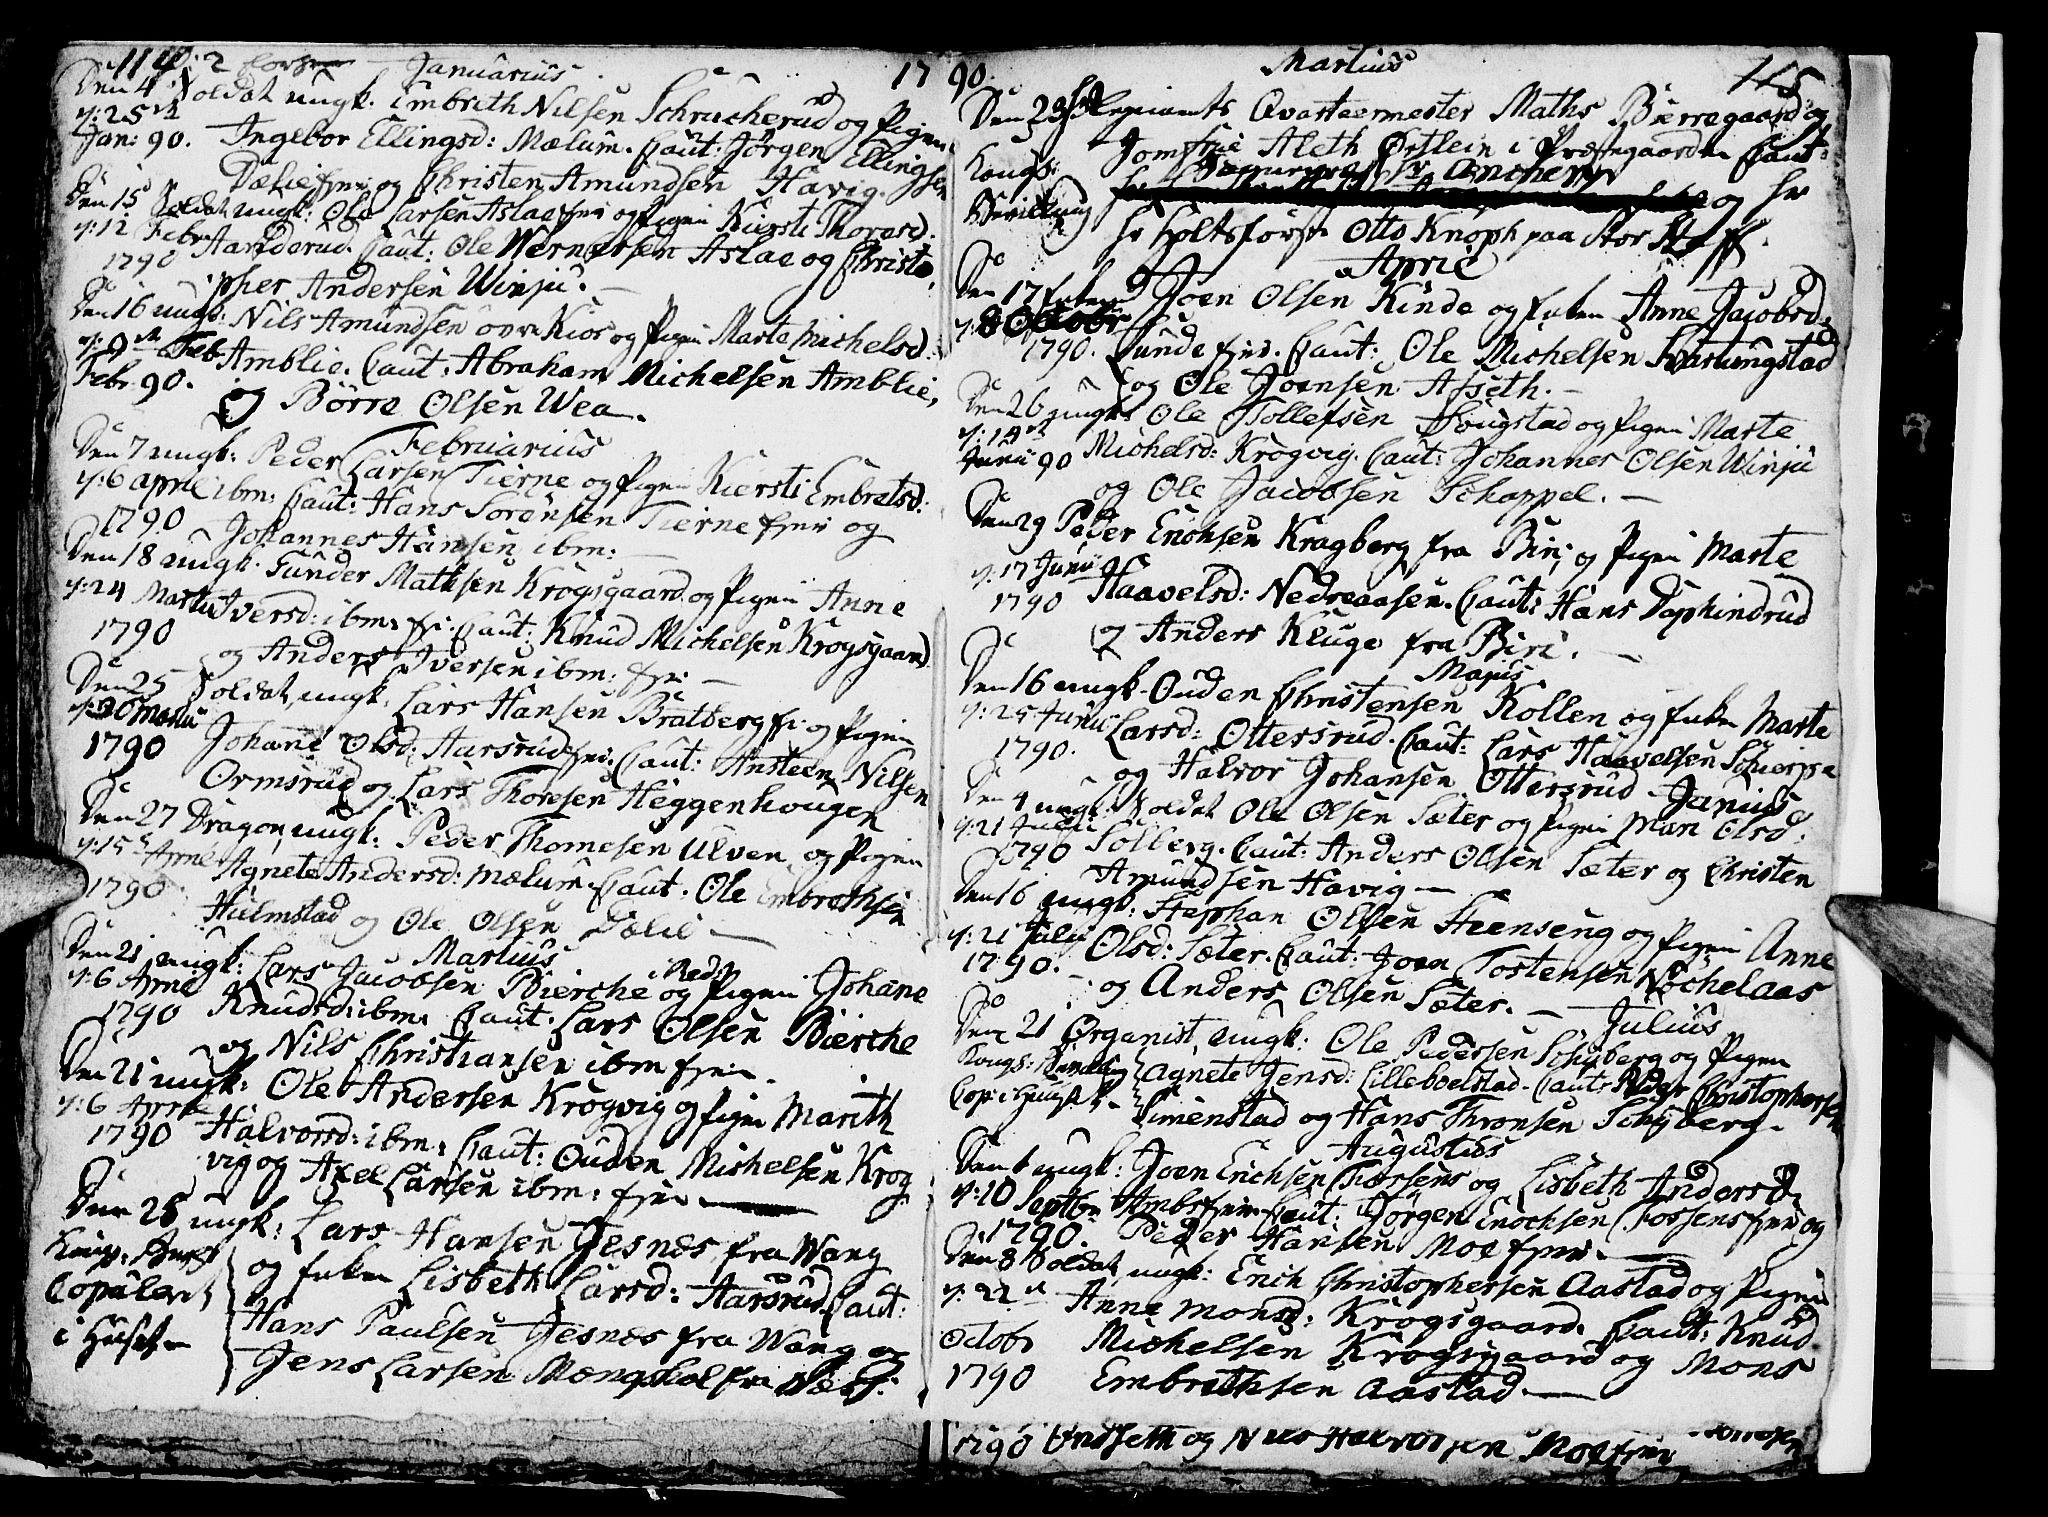 SAH, Ringsaker prestekontor, I/Ia/L0005/0005: Kladd til kirkebok nr. 1E, 1790-1792, s. 114-115